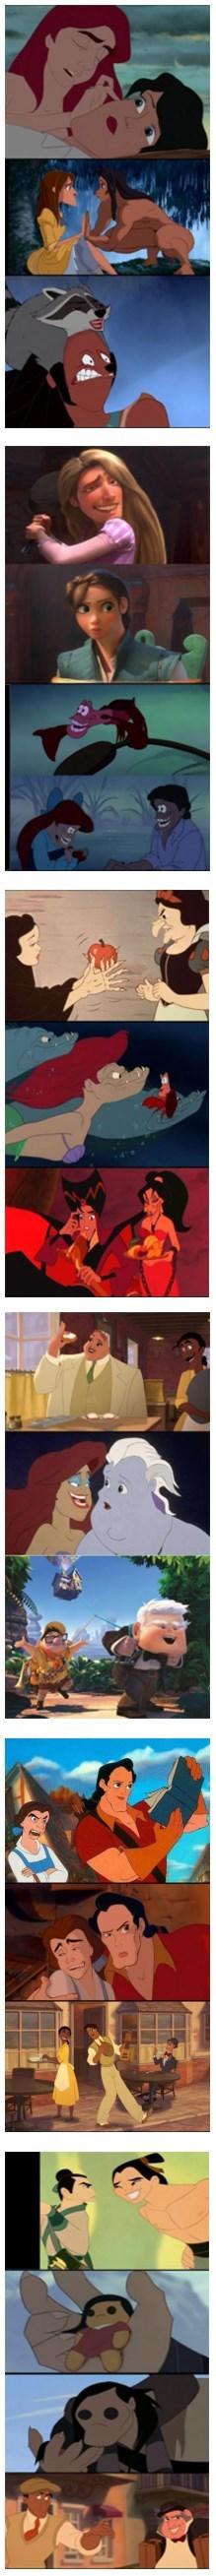 Photoshopeo a la Disney